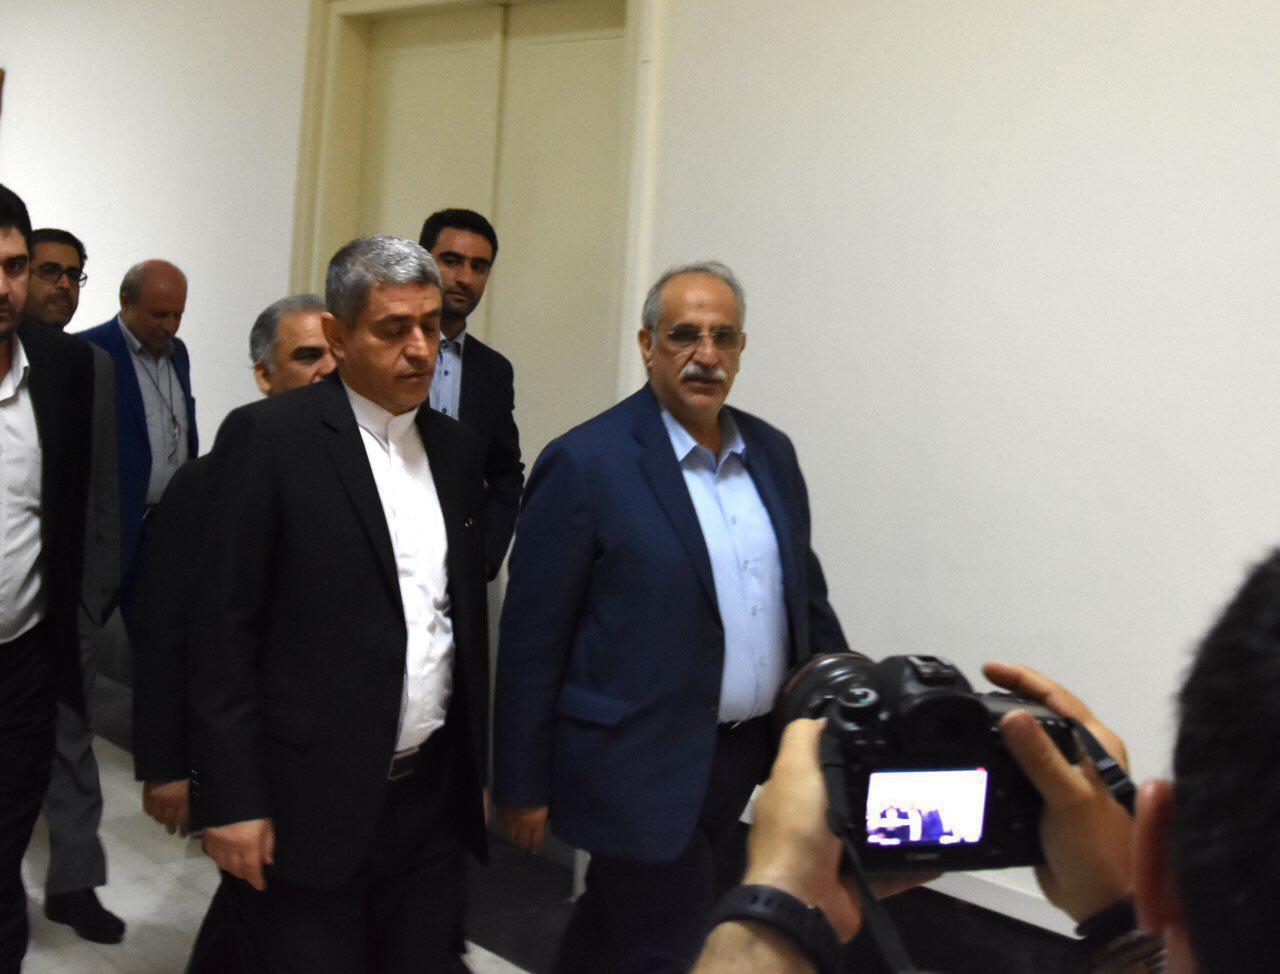 دیدار کرباسیان با طیبنیا پس از کسب رای اعتماد از مجلس